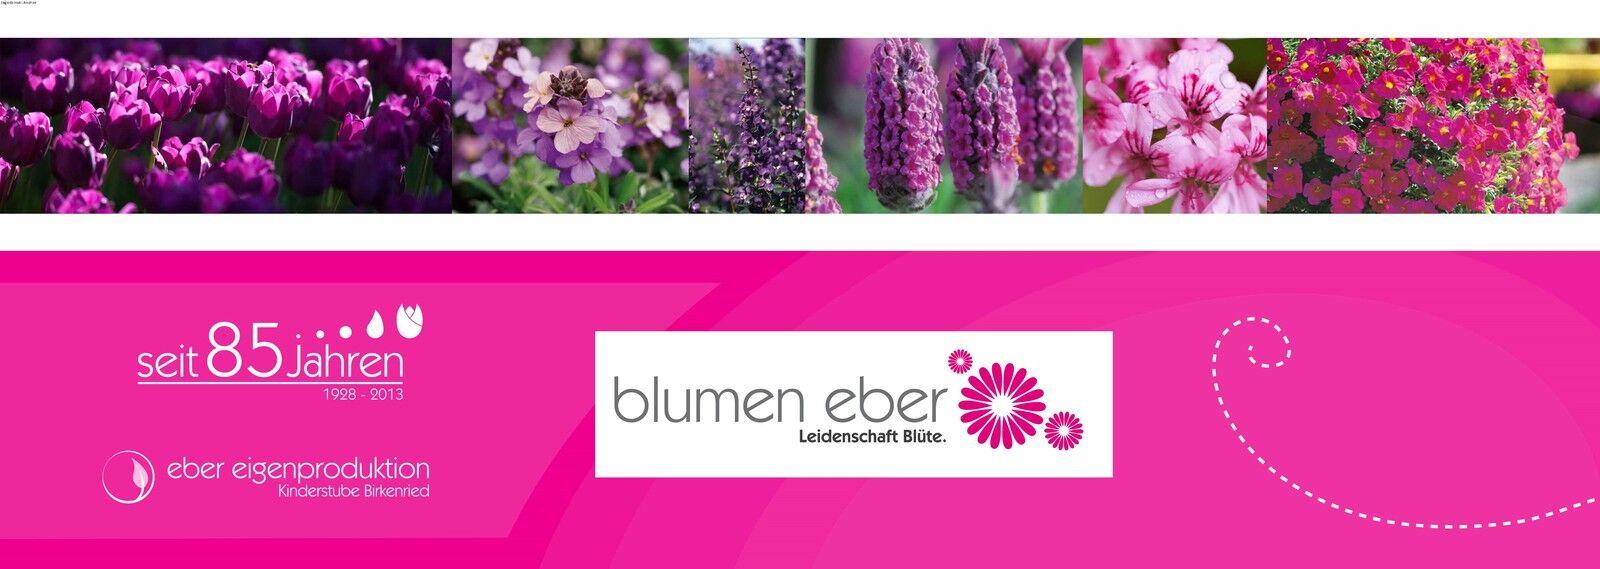 www.blumen-eber.de